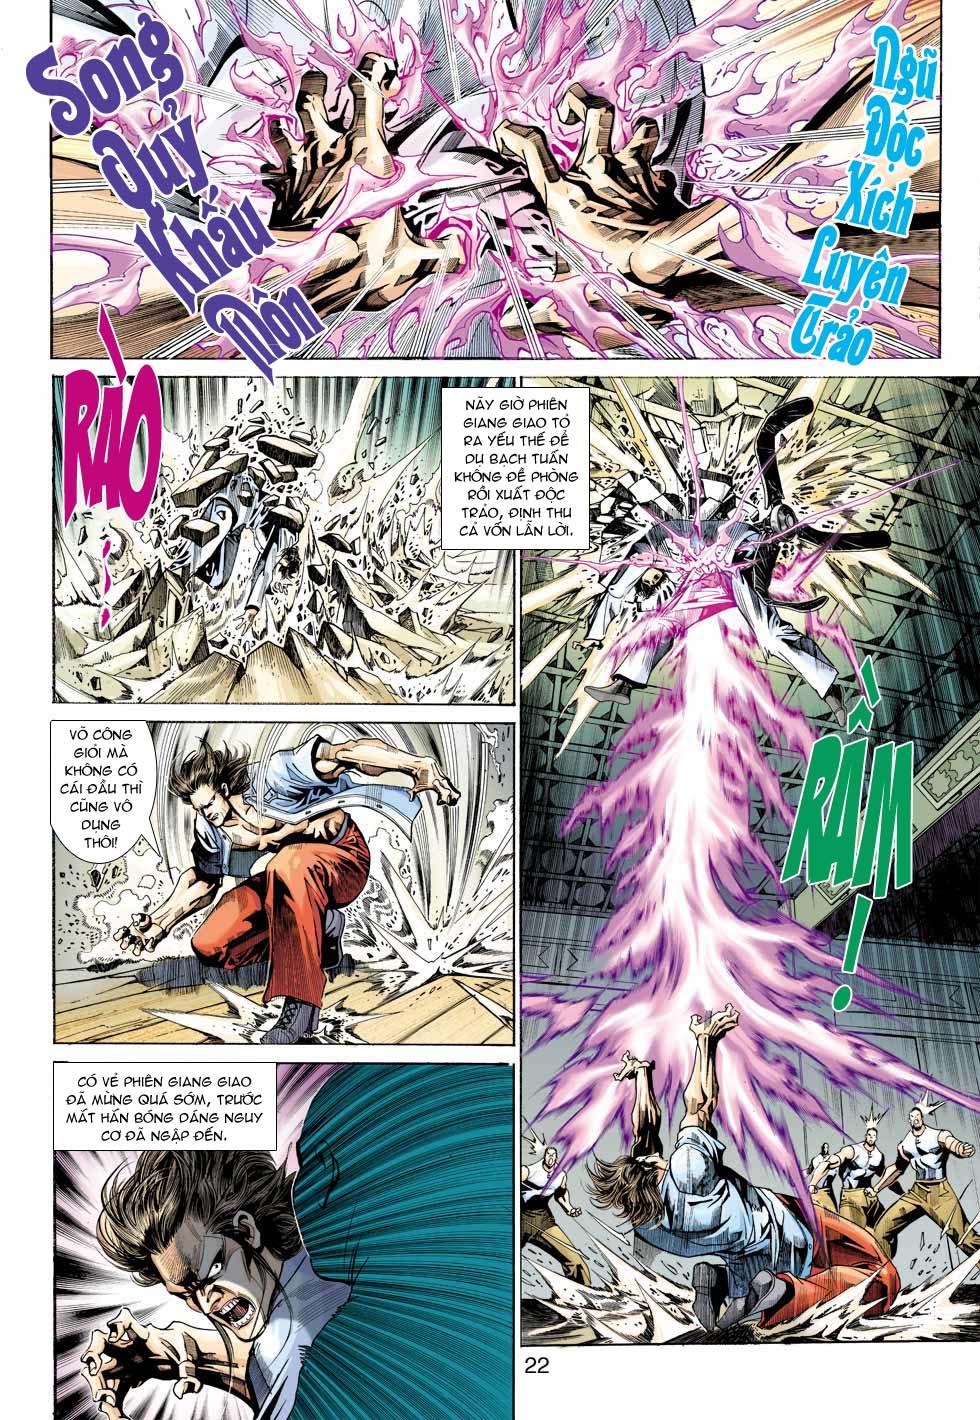 Tân Tác Long Hổ Môn chap 343 - Trang 22